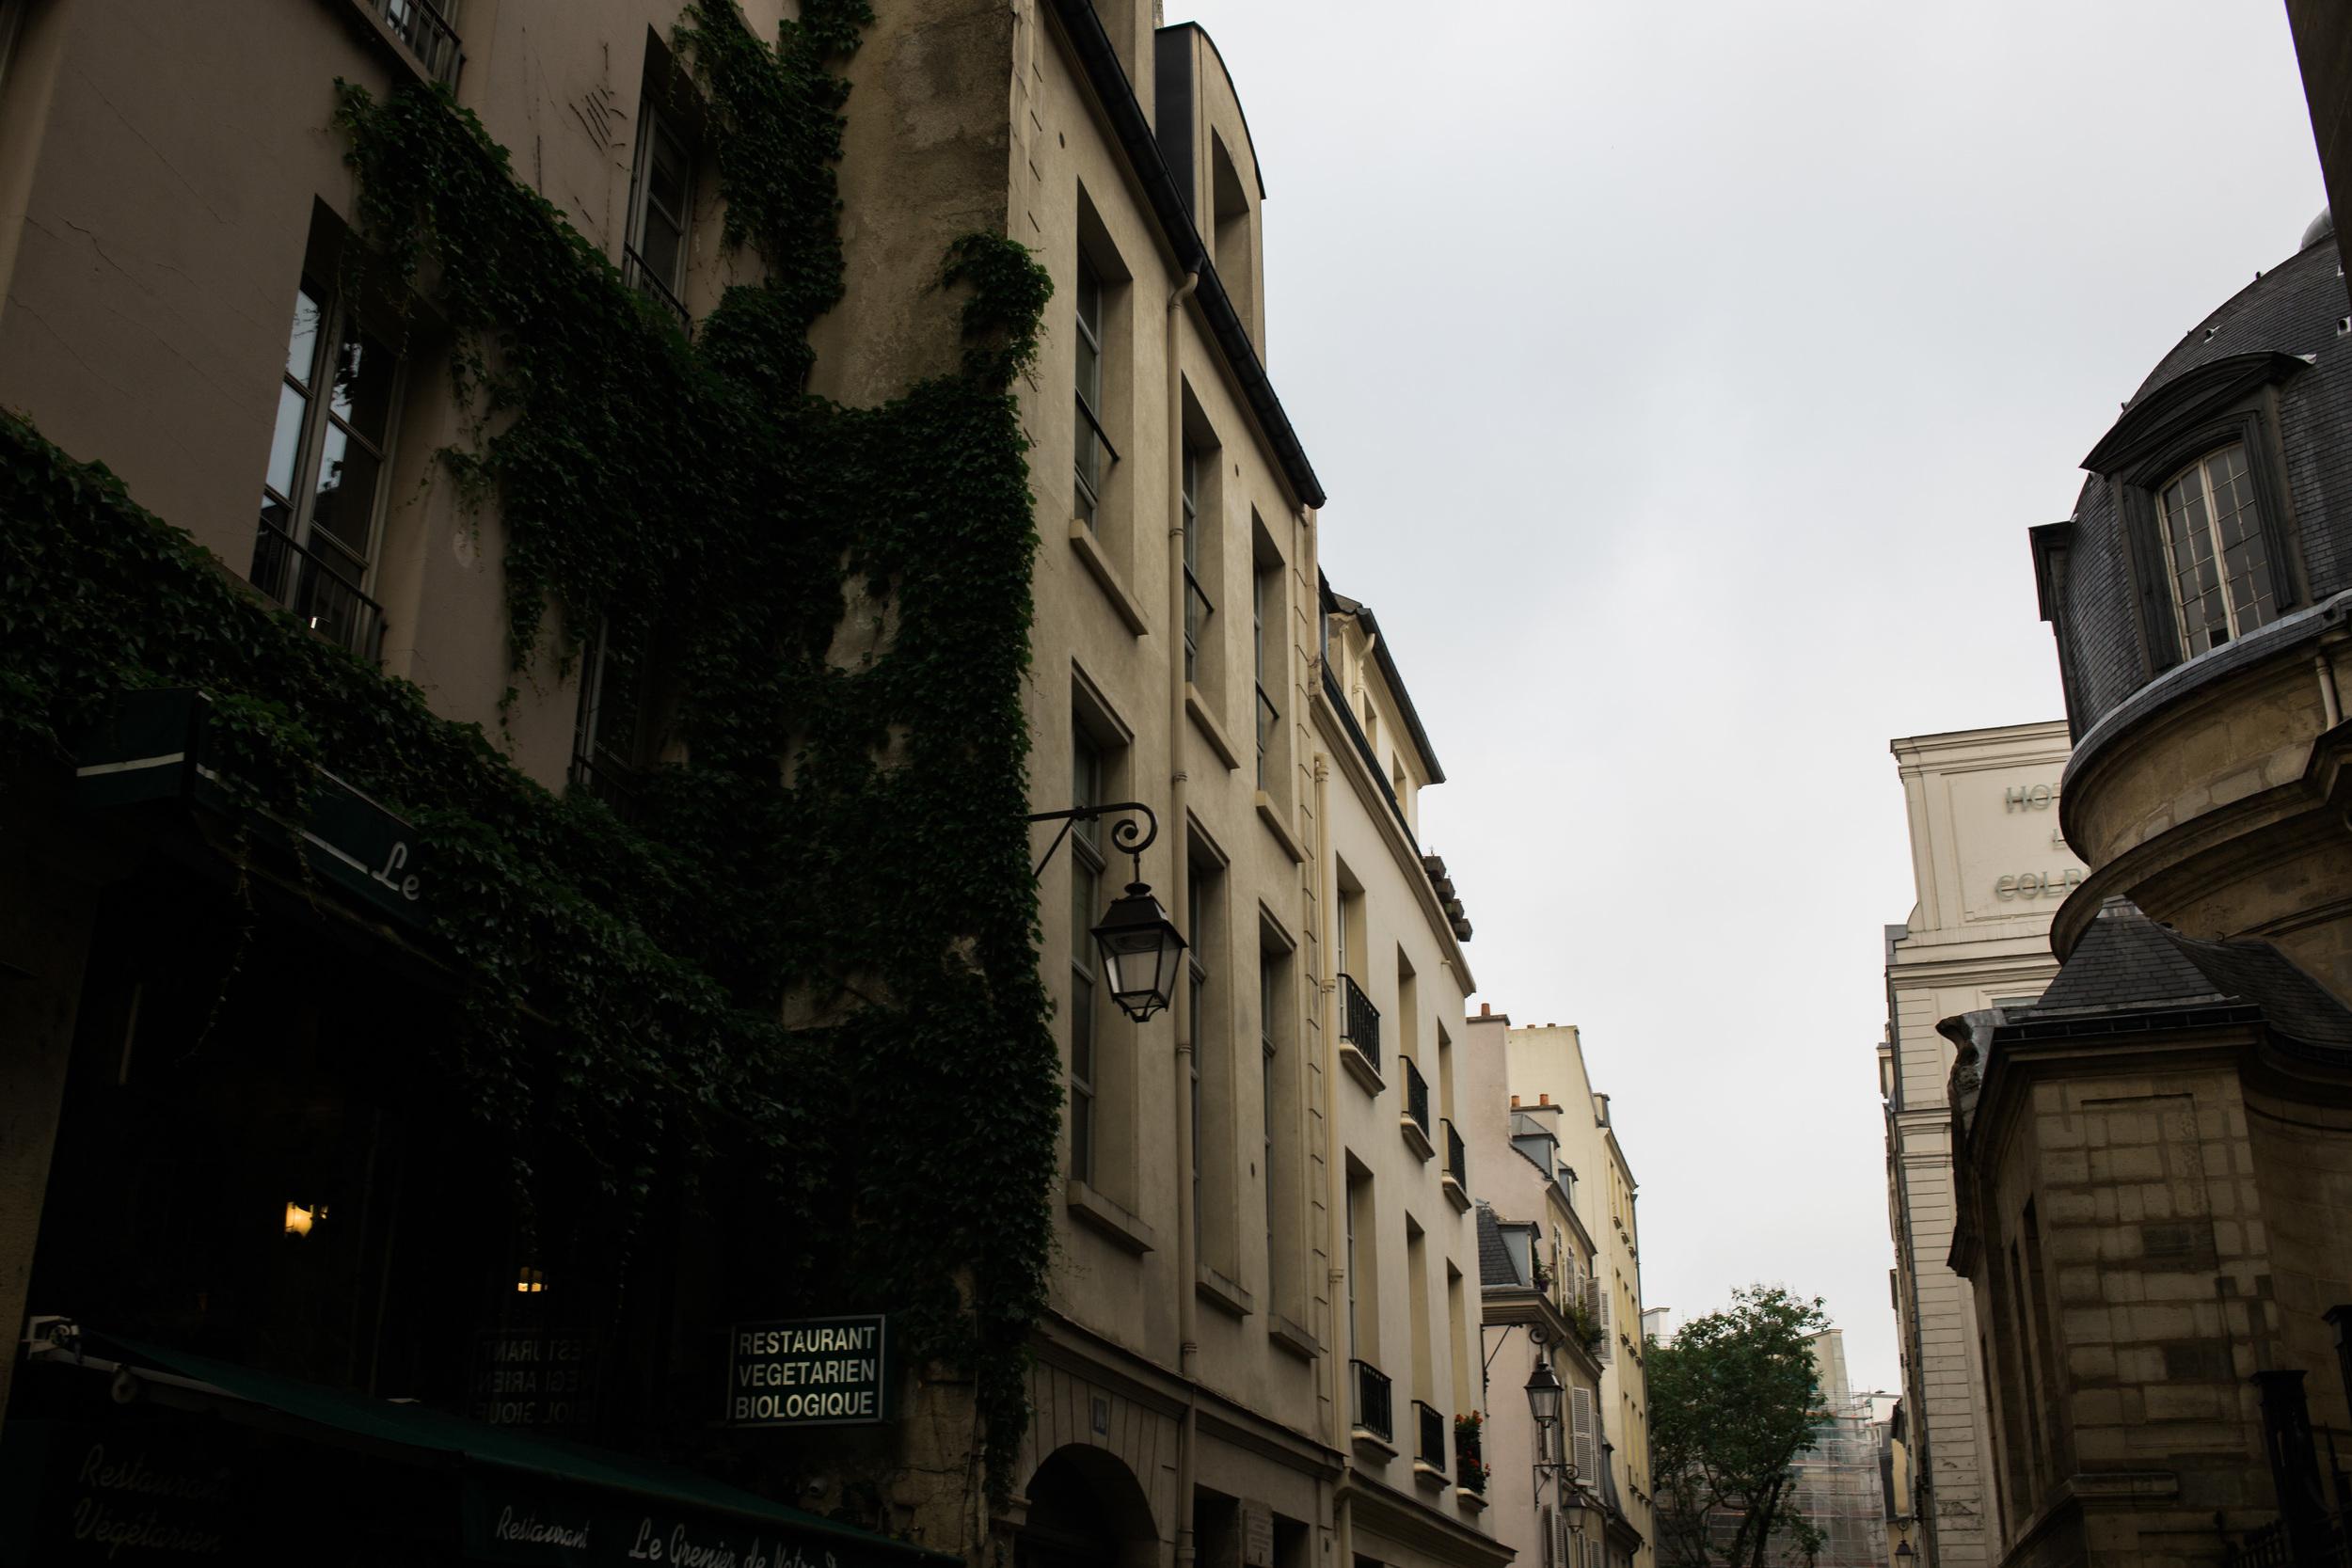 Down alleyways